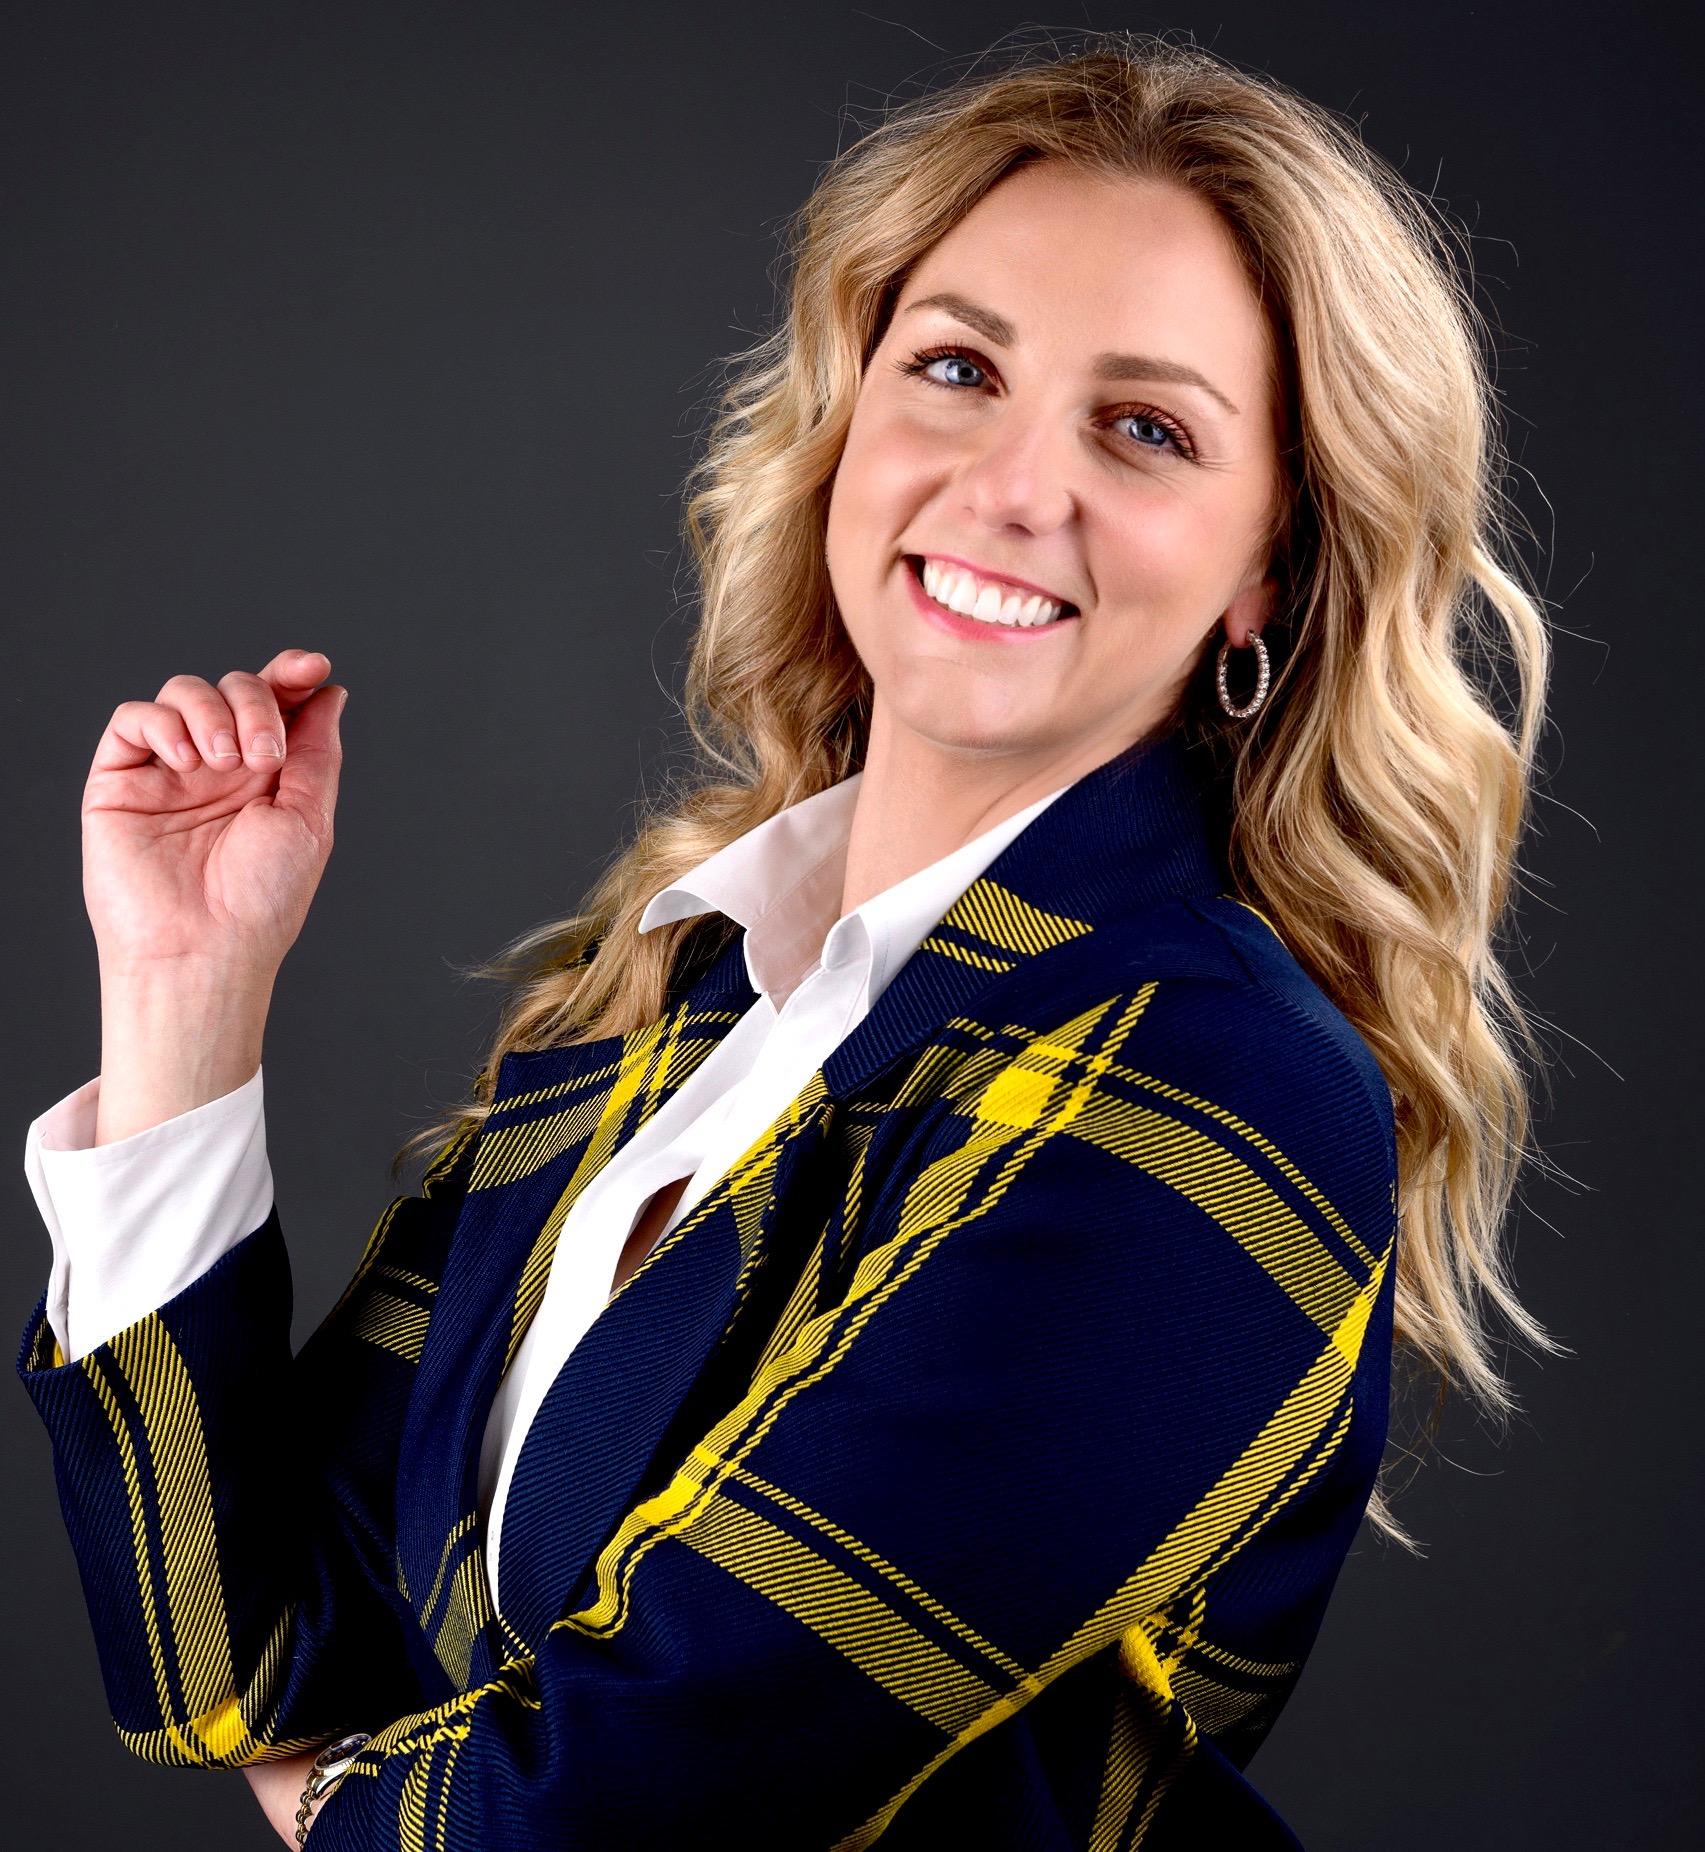 blonde woman lawyer